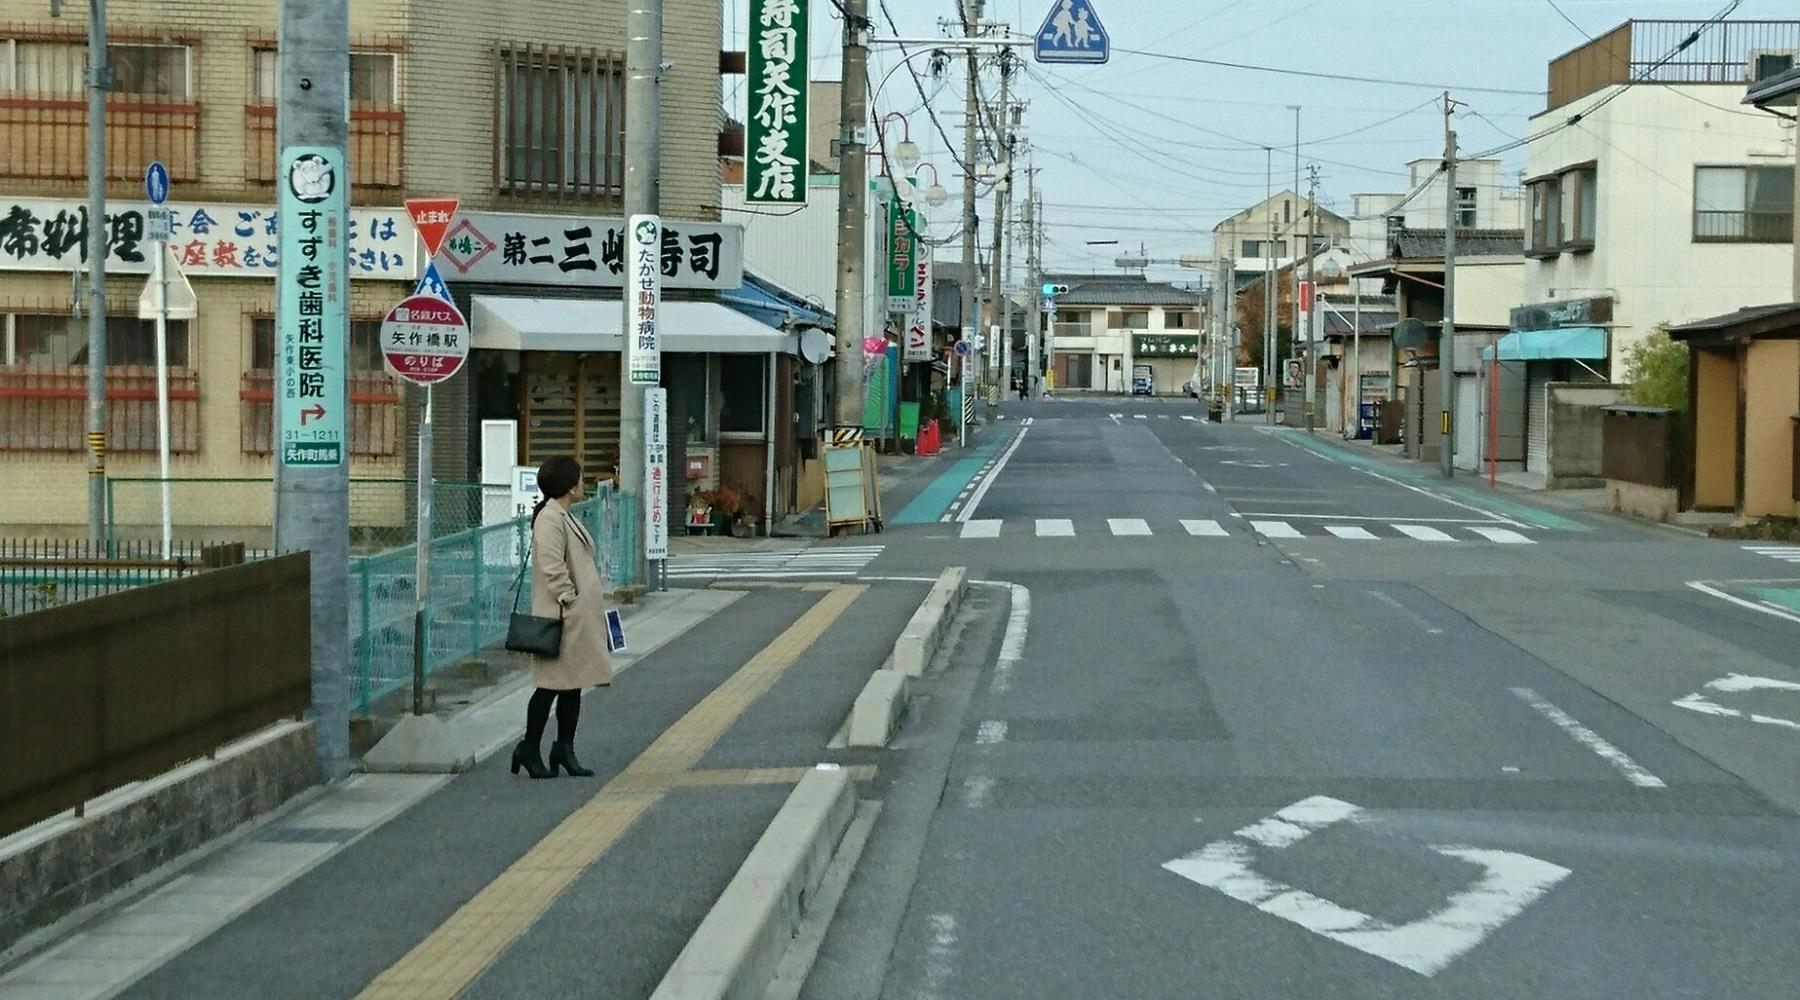 2017.2.8 名鉄バス (20) 北野北口いきバス - 矢作橋駅バス停 1800-1000